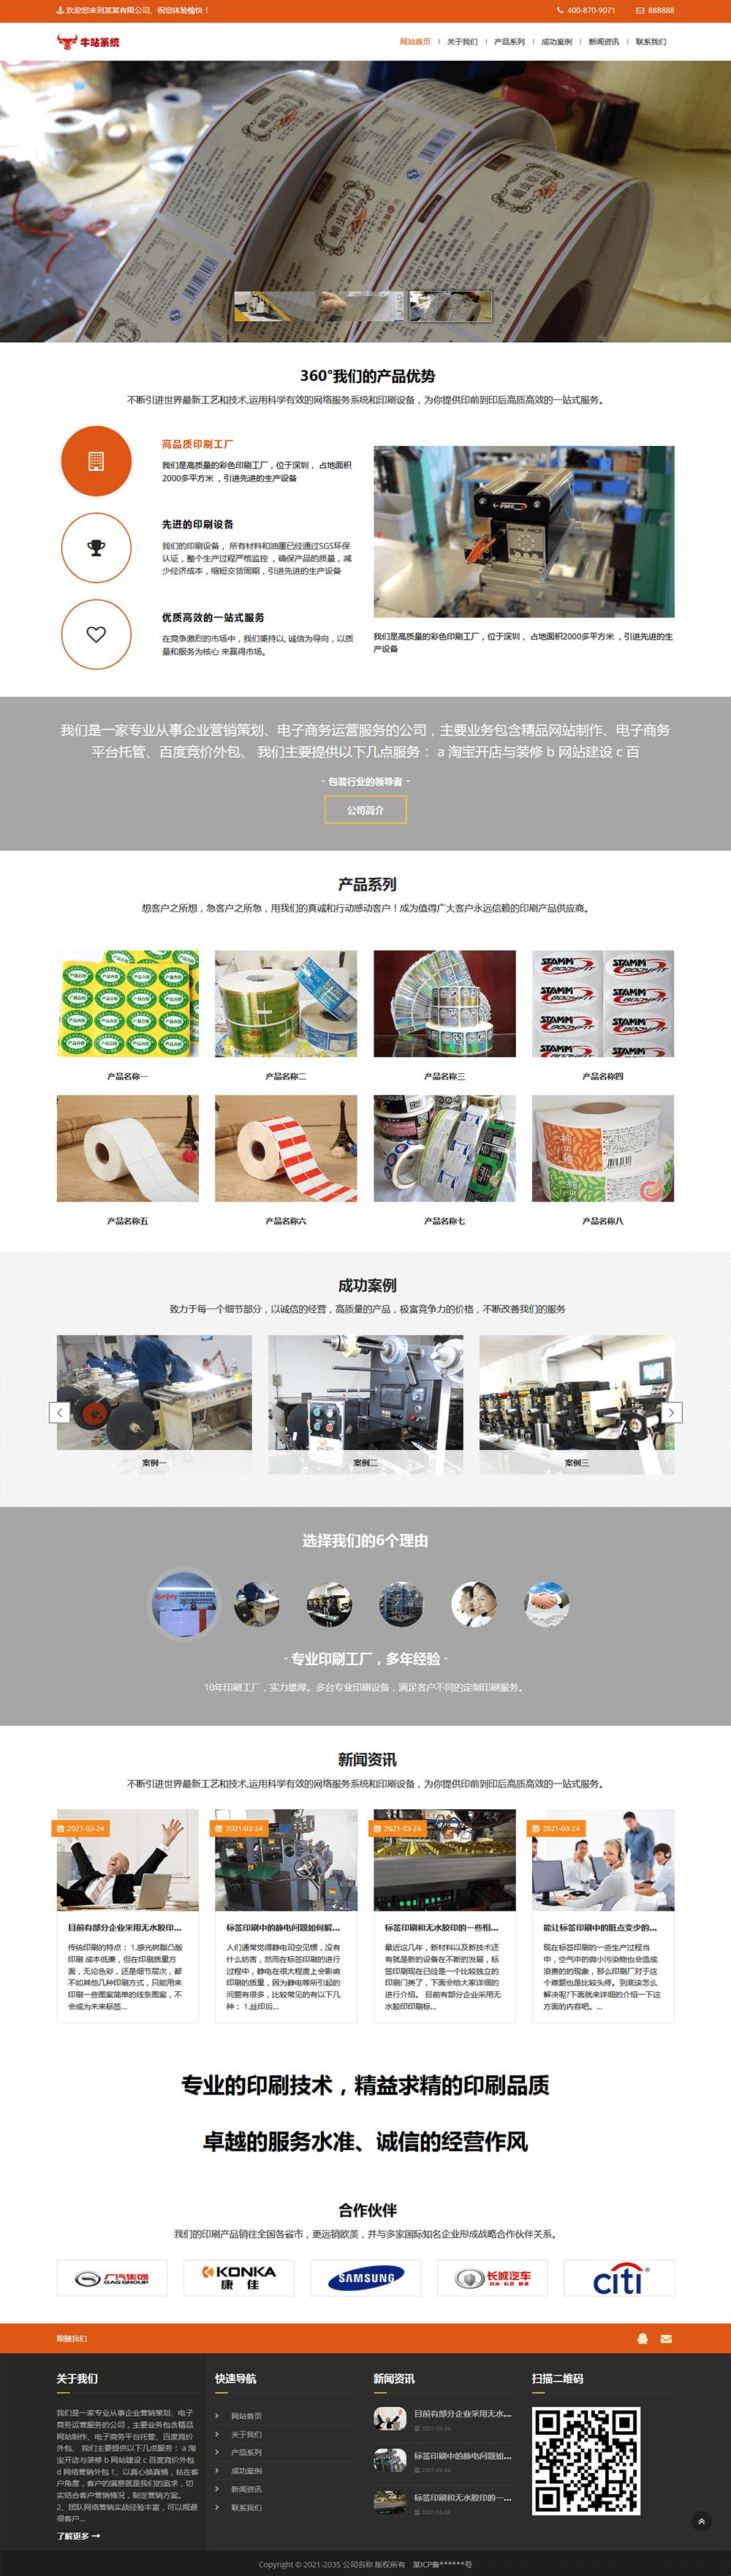 印刷技术印刷机械展示类